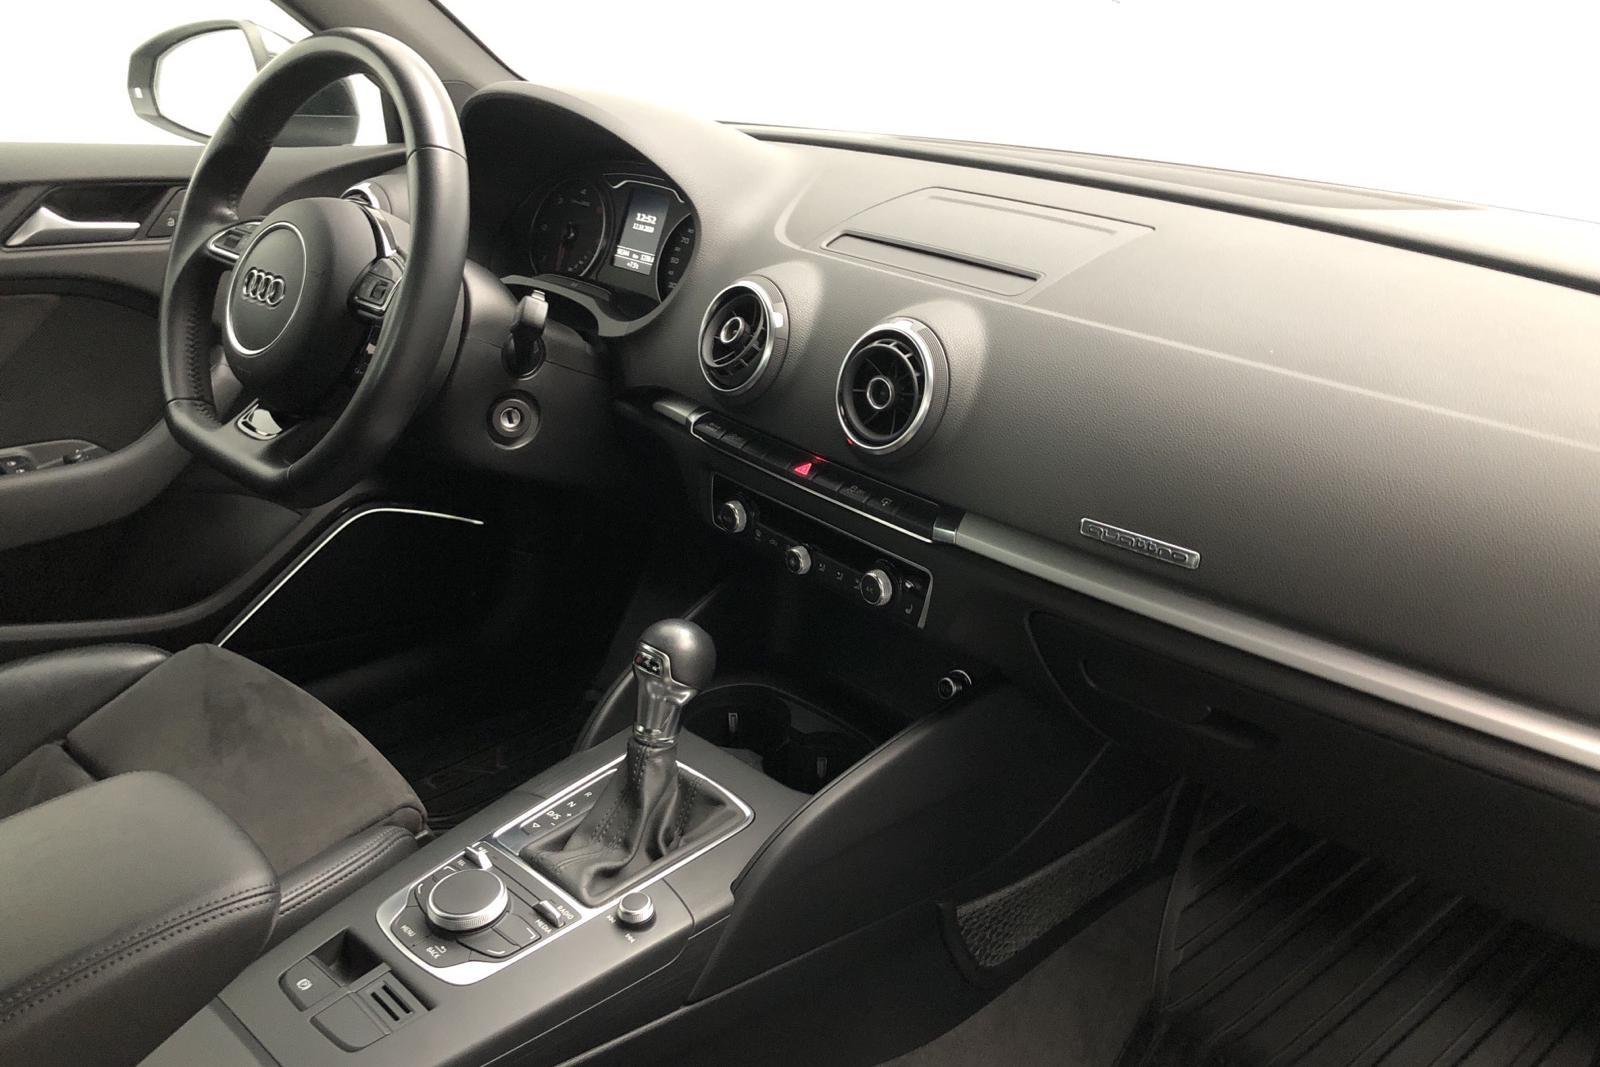 Audi A3 2.0 TDI Sportback quattro (184hk) - 9 134 mil - Automat - svart - 2014